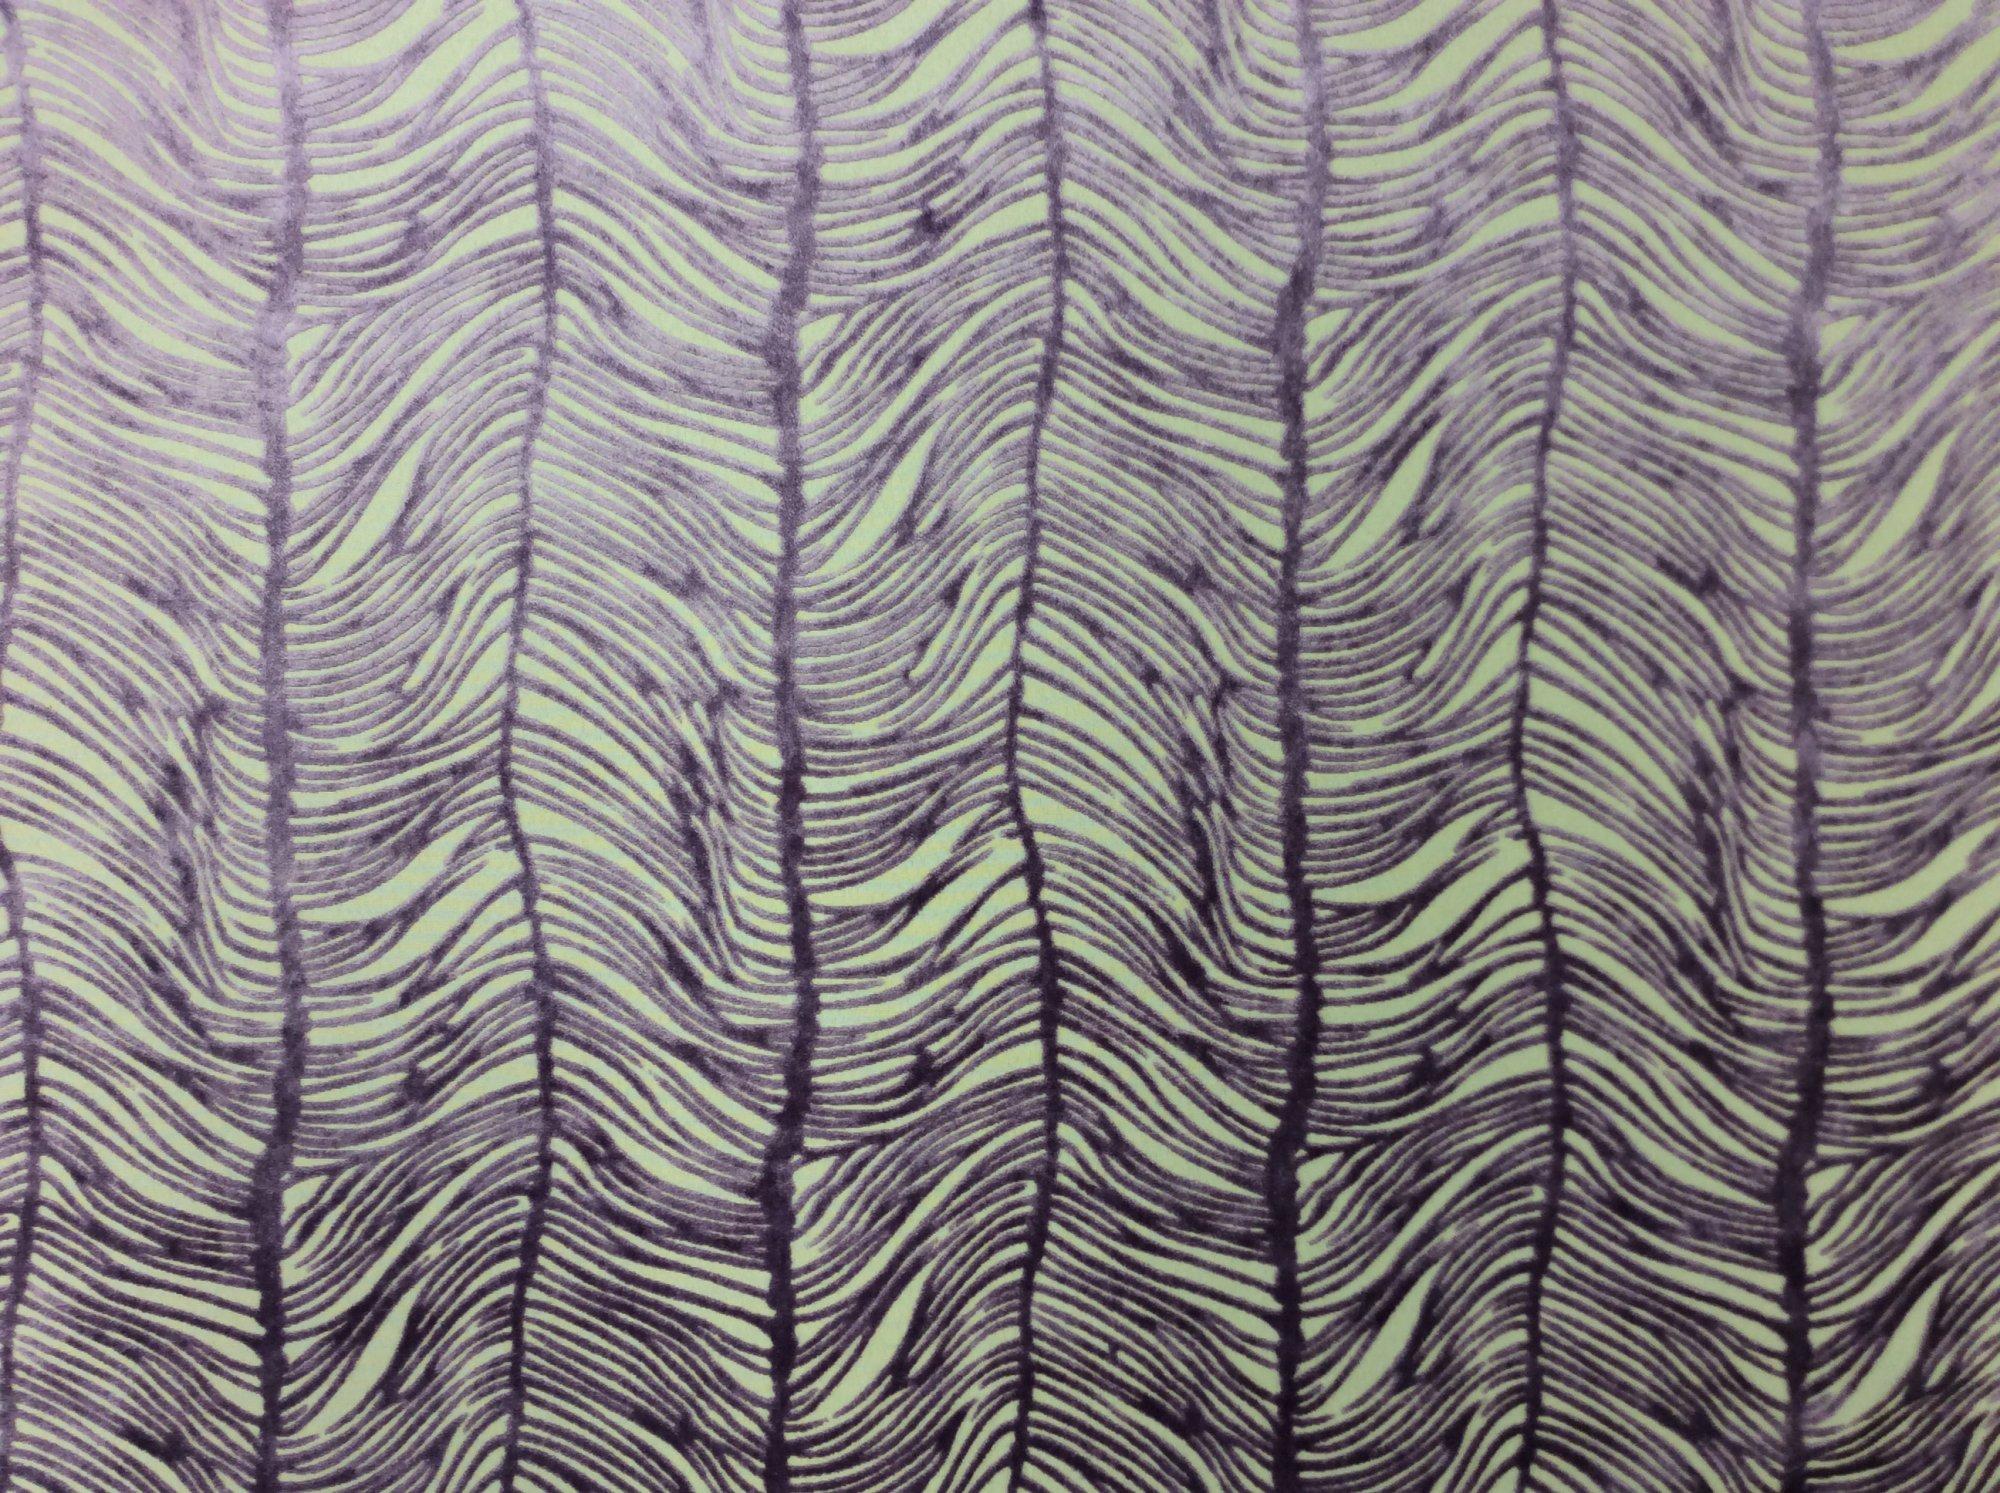 Peacock Plume Luxurious Cut Velvet Wisteria Purple Heavy Velvet Upholstery Fabric LHD151-B